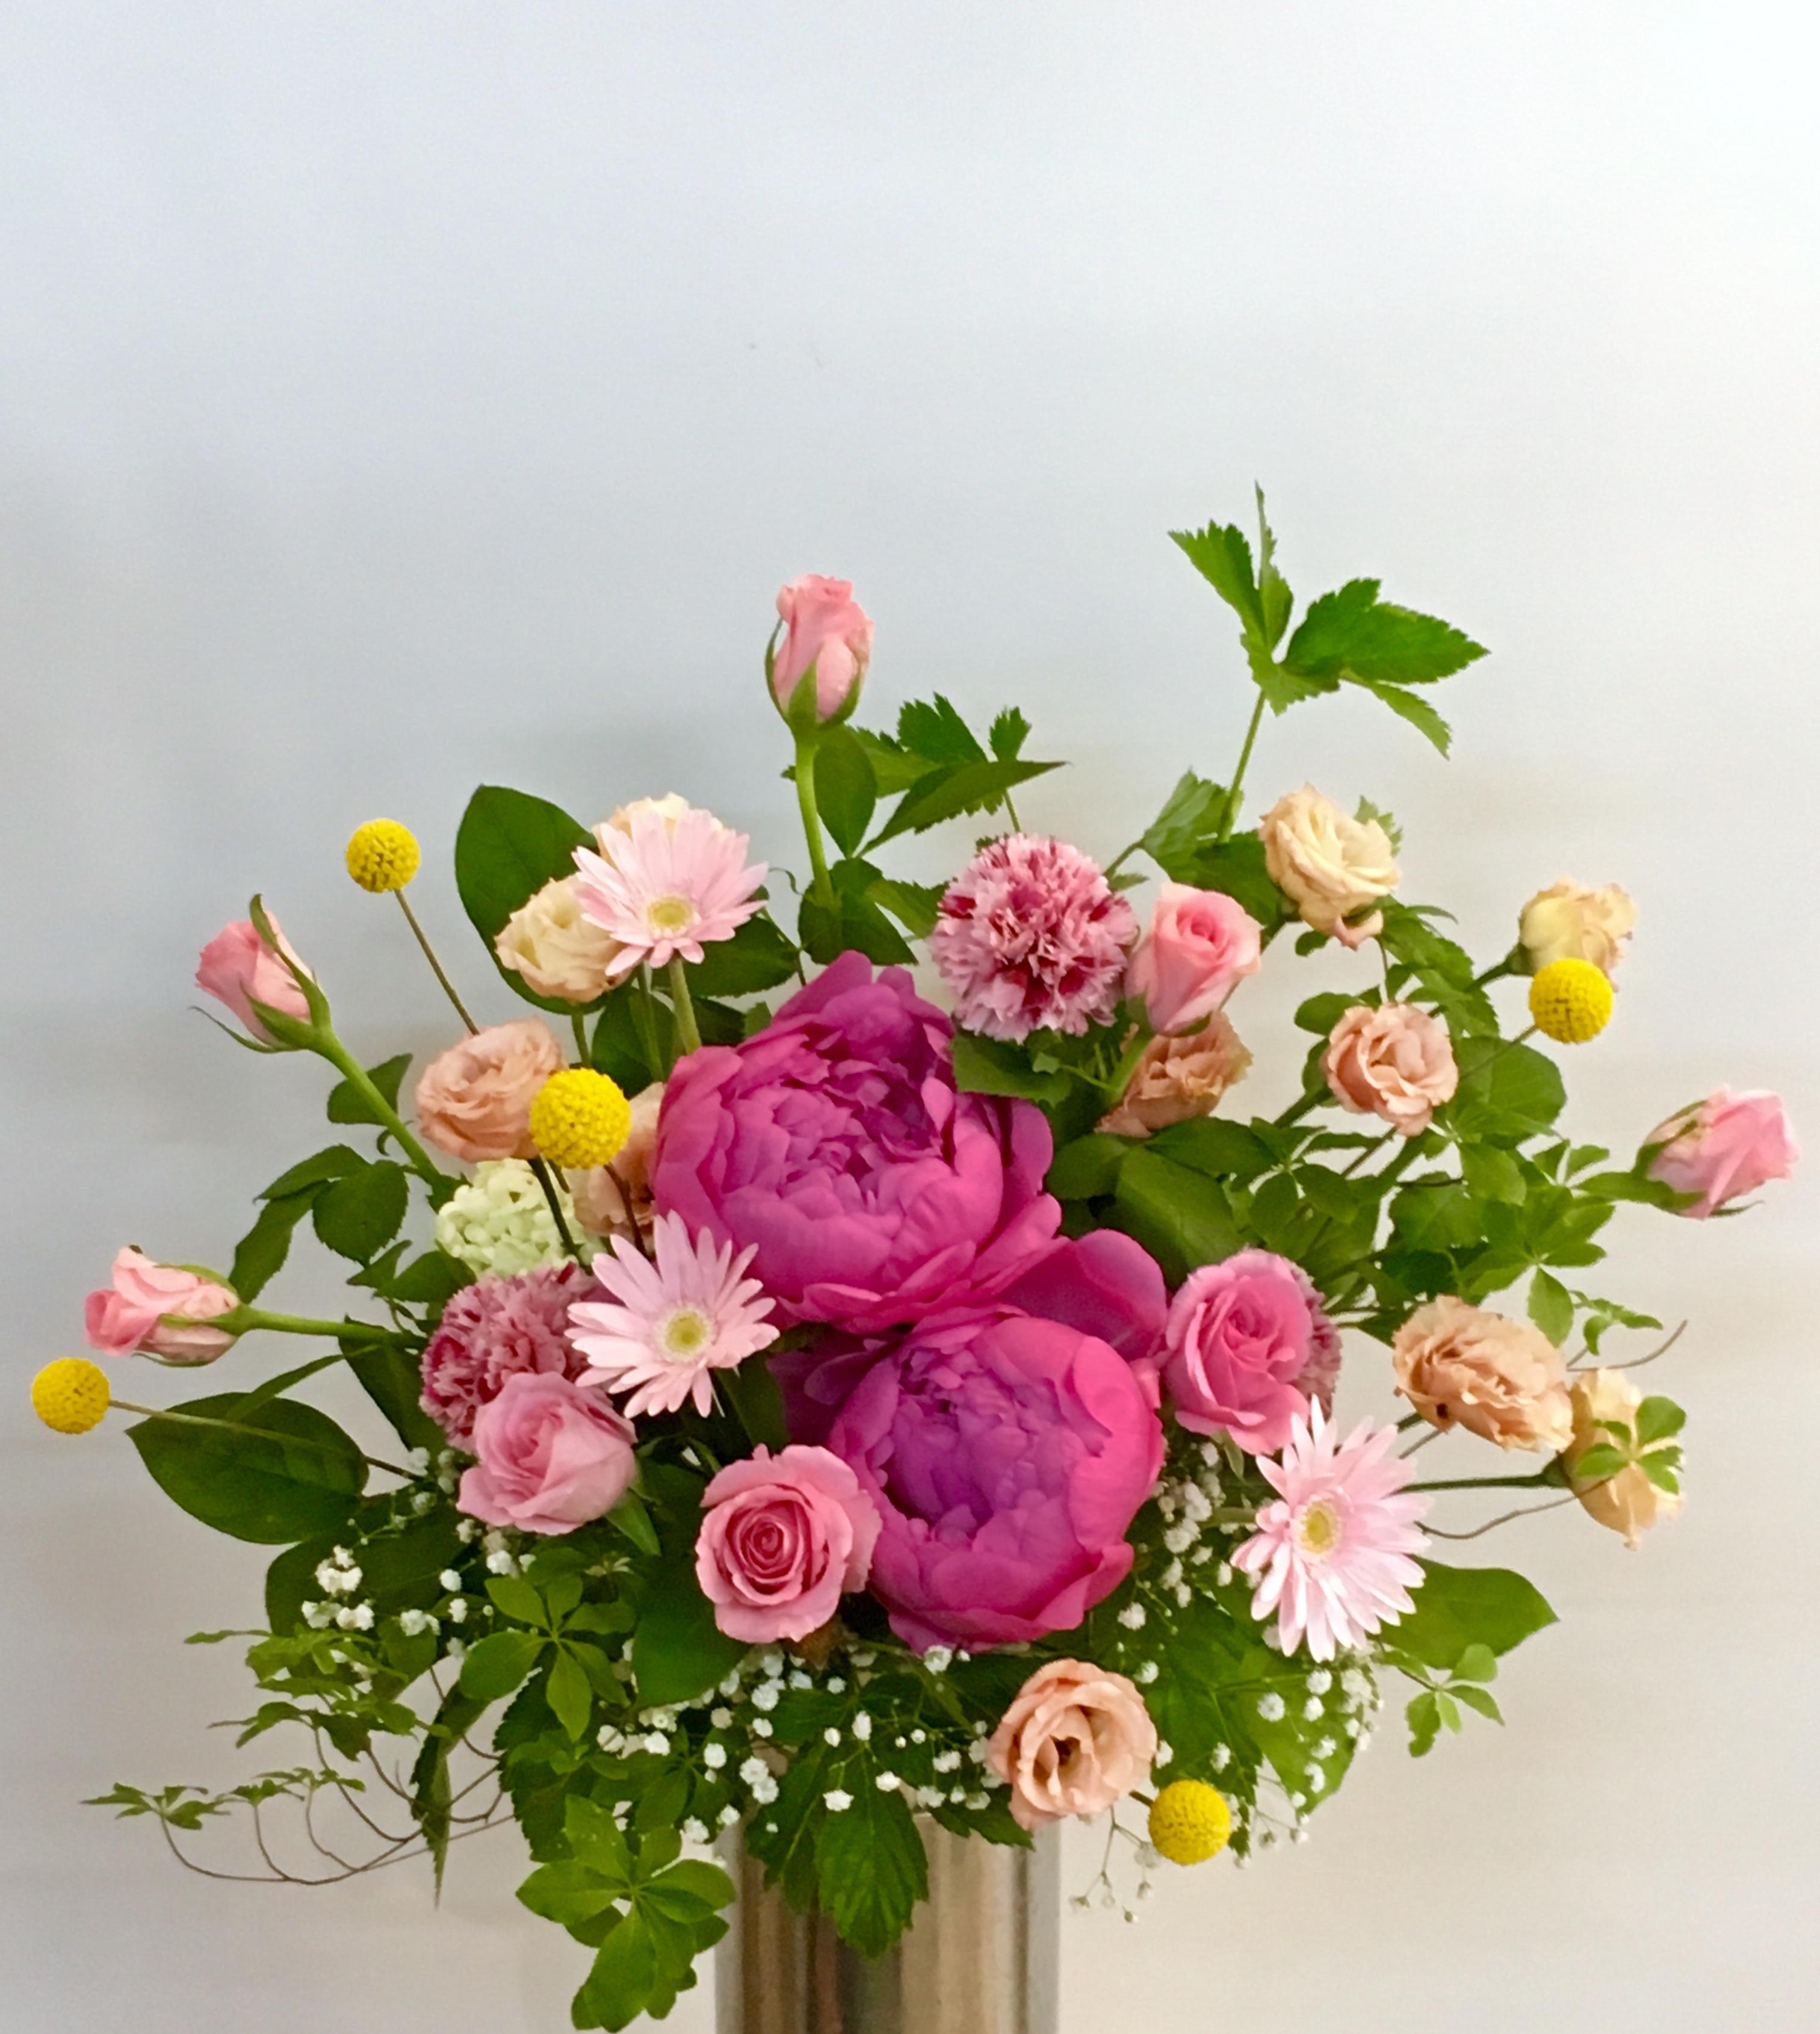 【ナオ花屋の納品事例37】横浜市関内の法人企業様へテーブル装花を配達しました!